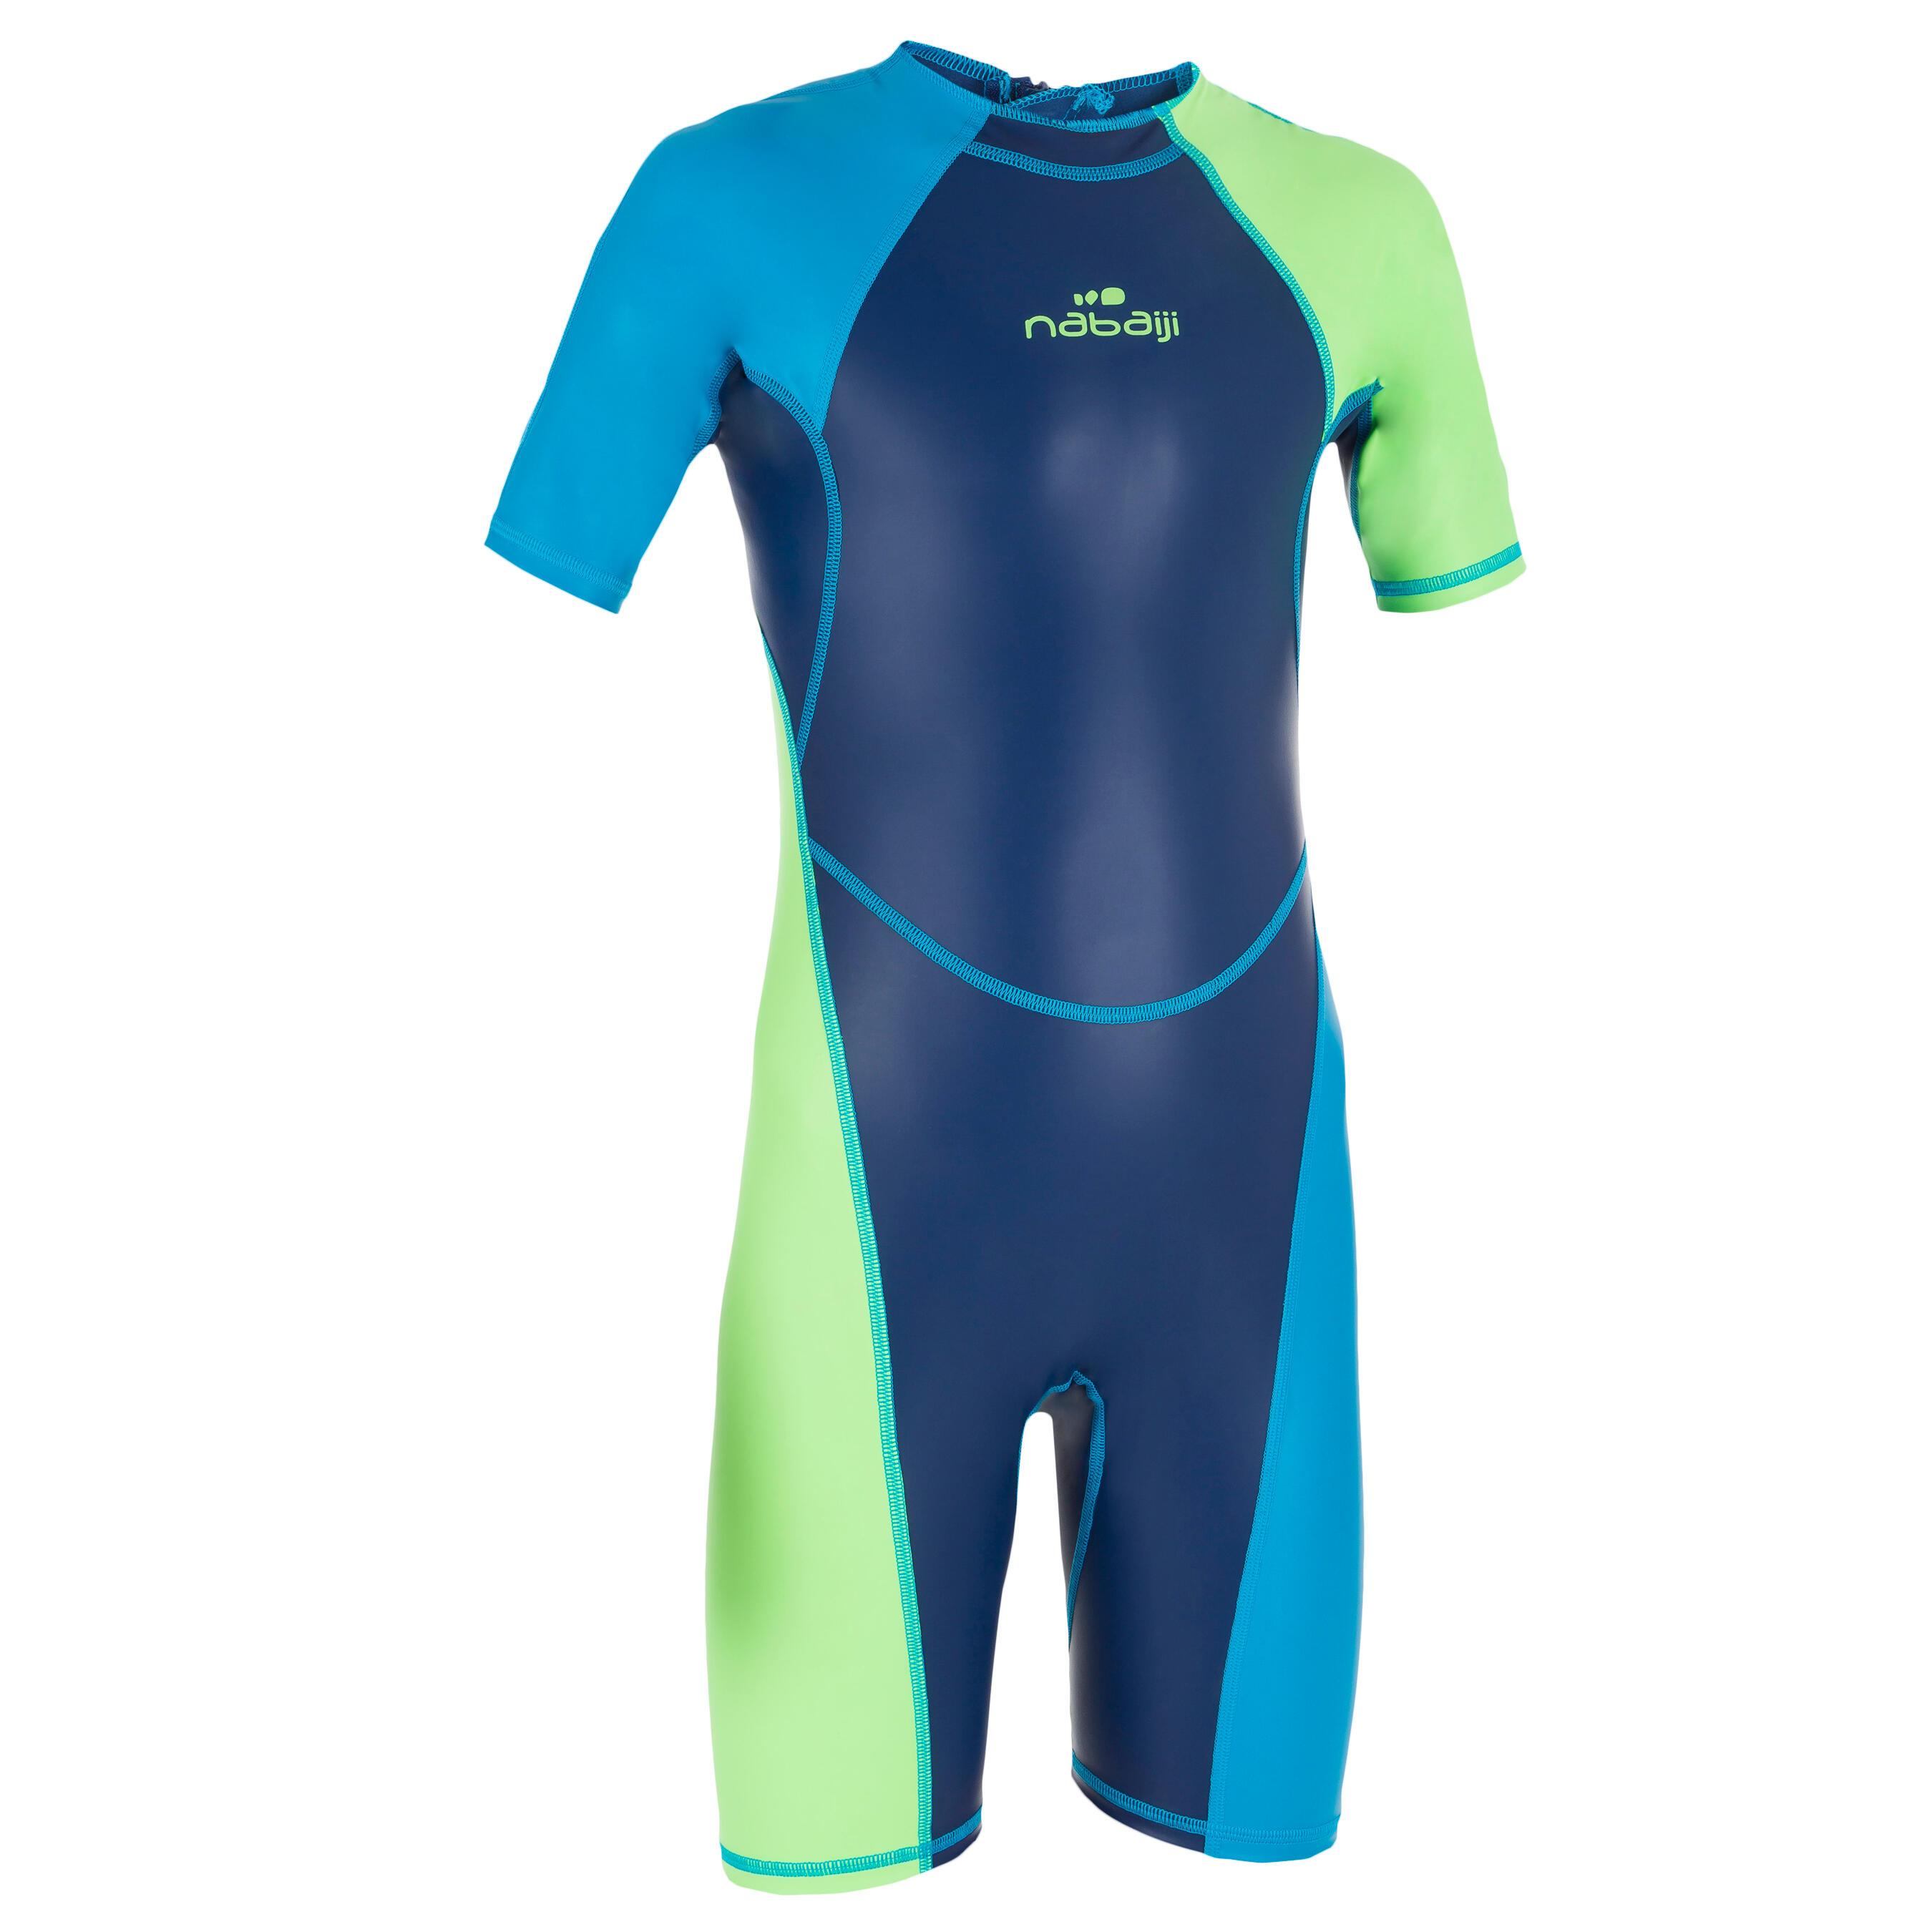 Jungen,Kinder Schwimmanzug Thermo Kloupi Jungen blau/grün | 03583788269625